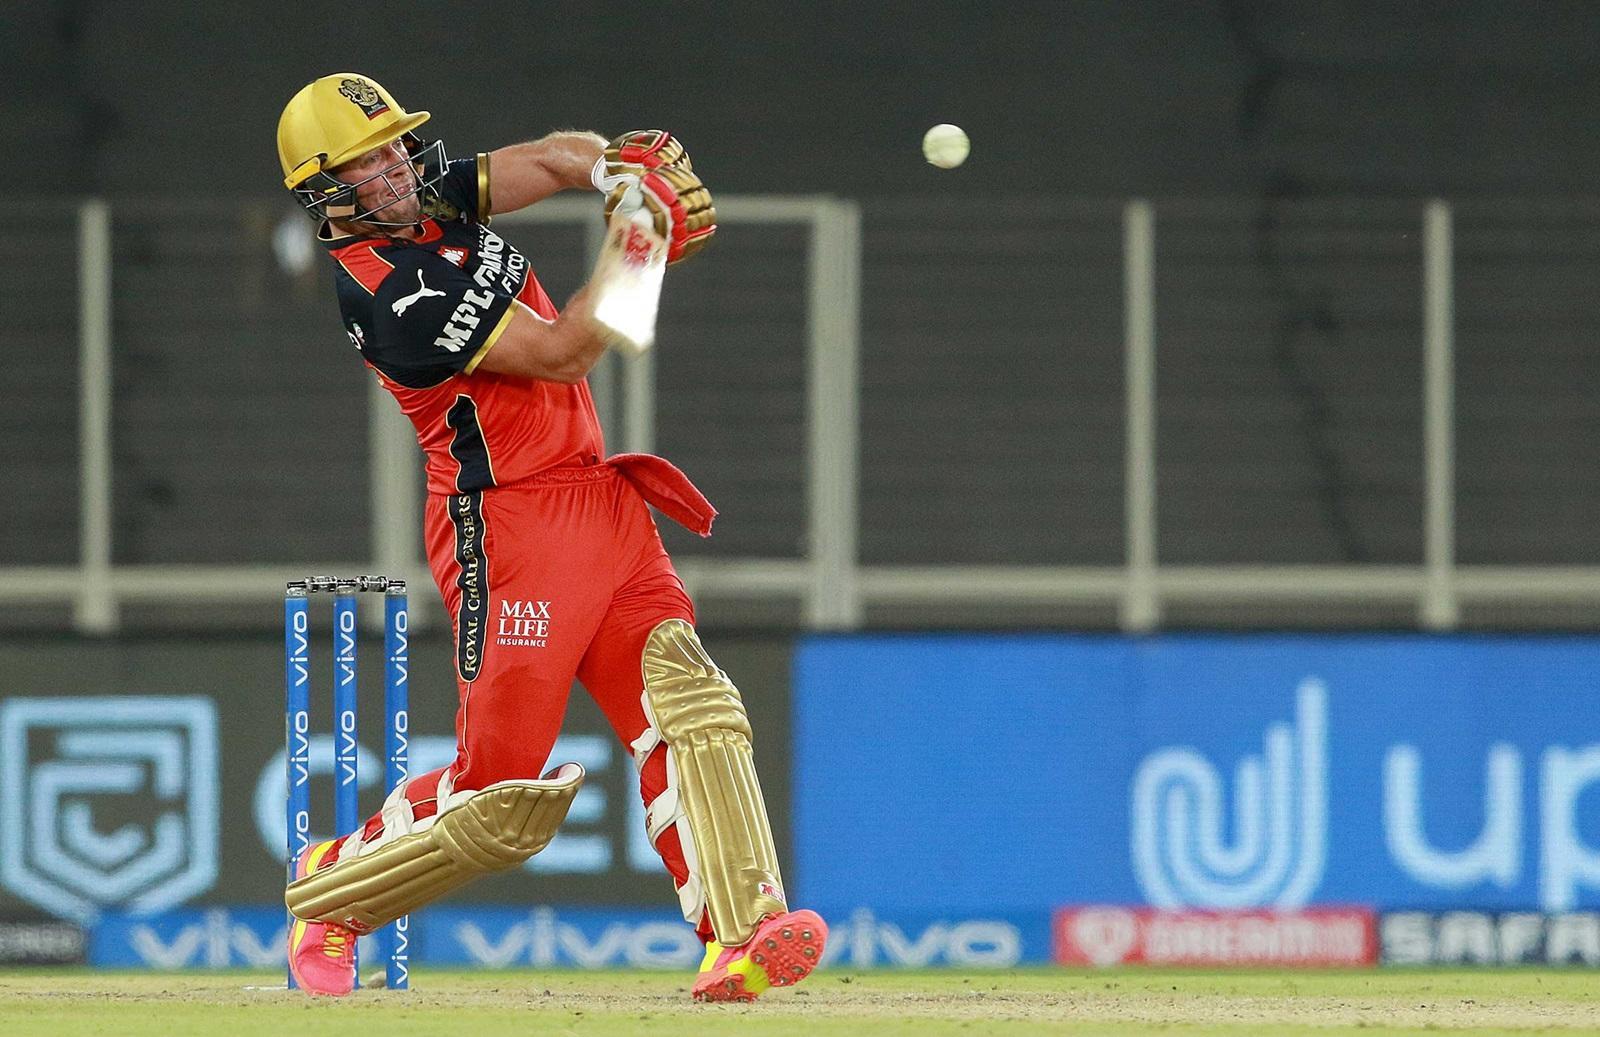 एबी डिविलियर्स दूसरे ओवरसीज बल्लेबाज और ओवरऑल 6 वें बल्लेबाज बने जिन्होंने आईपीएल में 5000 रन बनाए